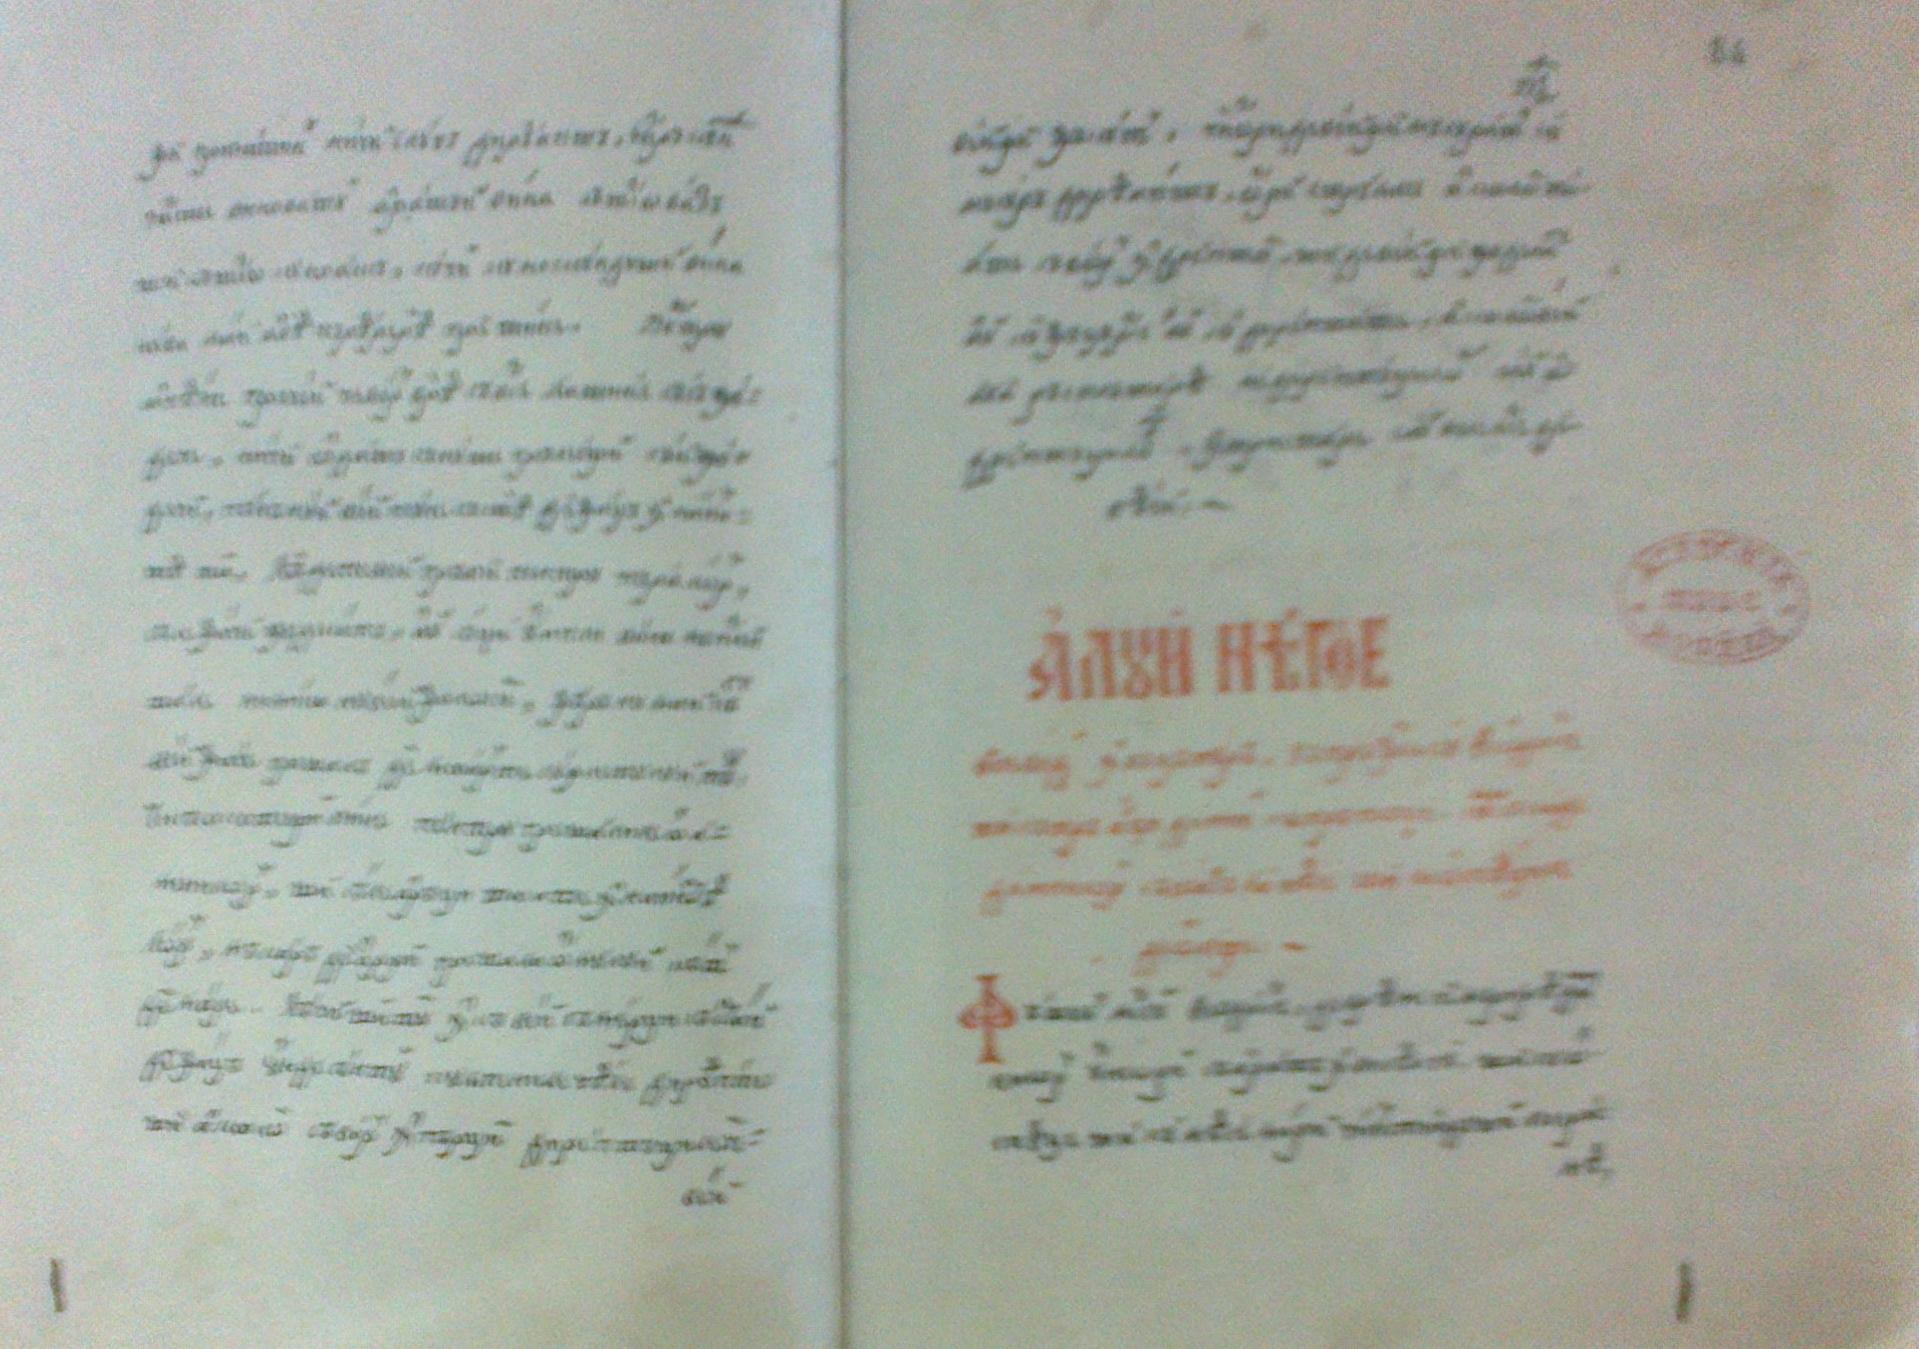 Învăţăturile lui Neagoe Basarab către fiul său Teodosie